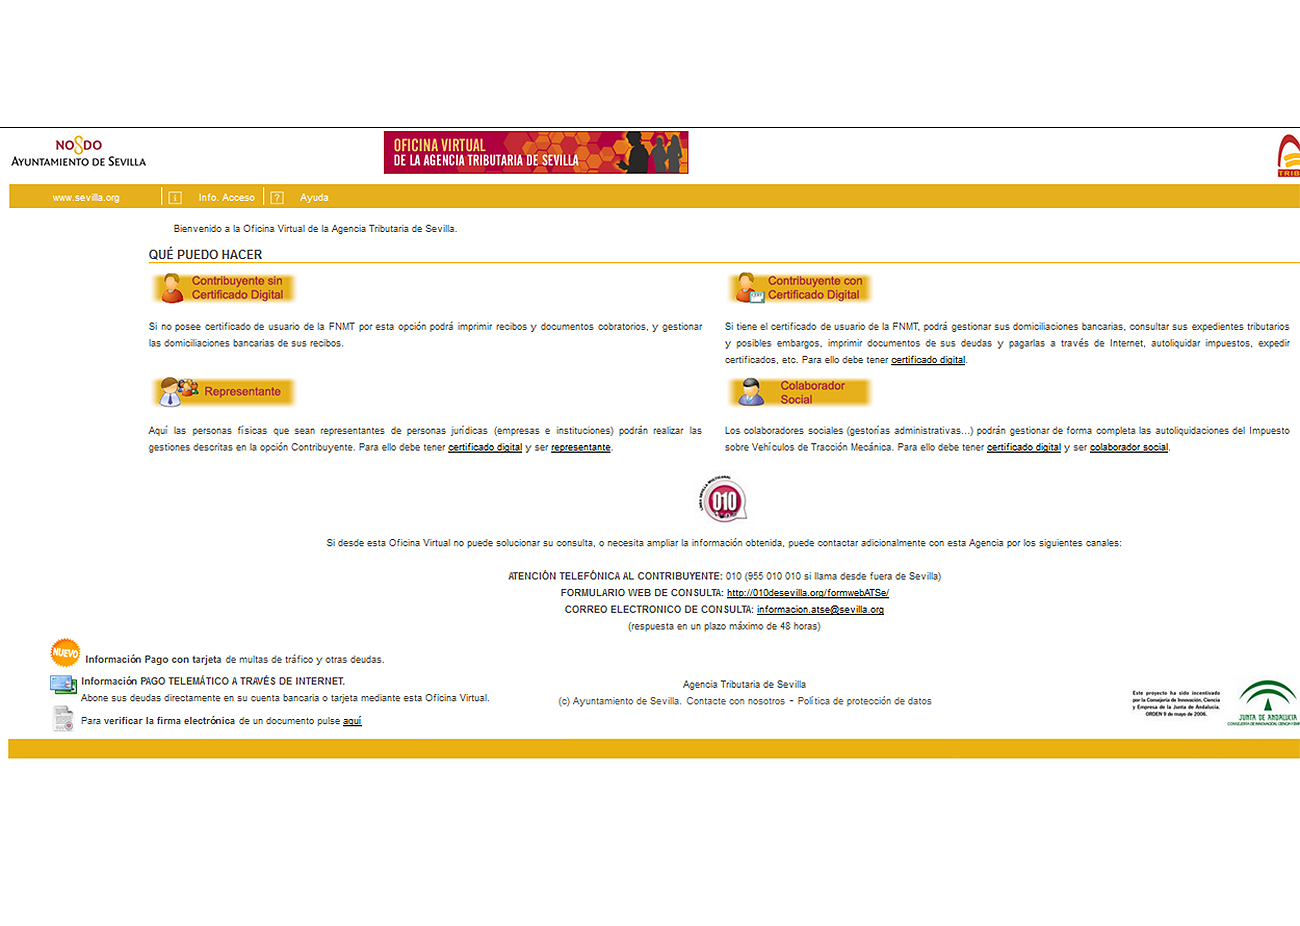 FACUA Sevilla denuncia ante Protección de Datos al Ayuntamiento y la empresa que gestiona la web municipal